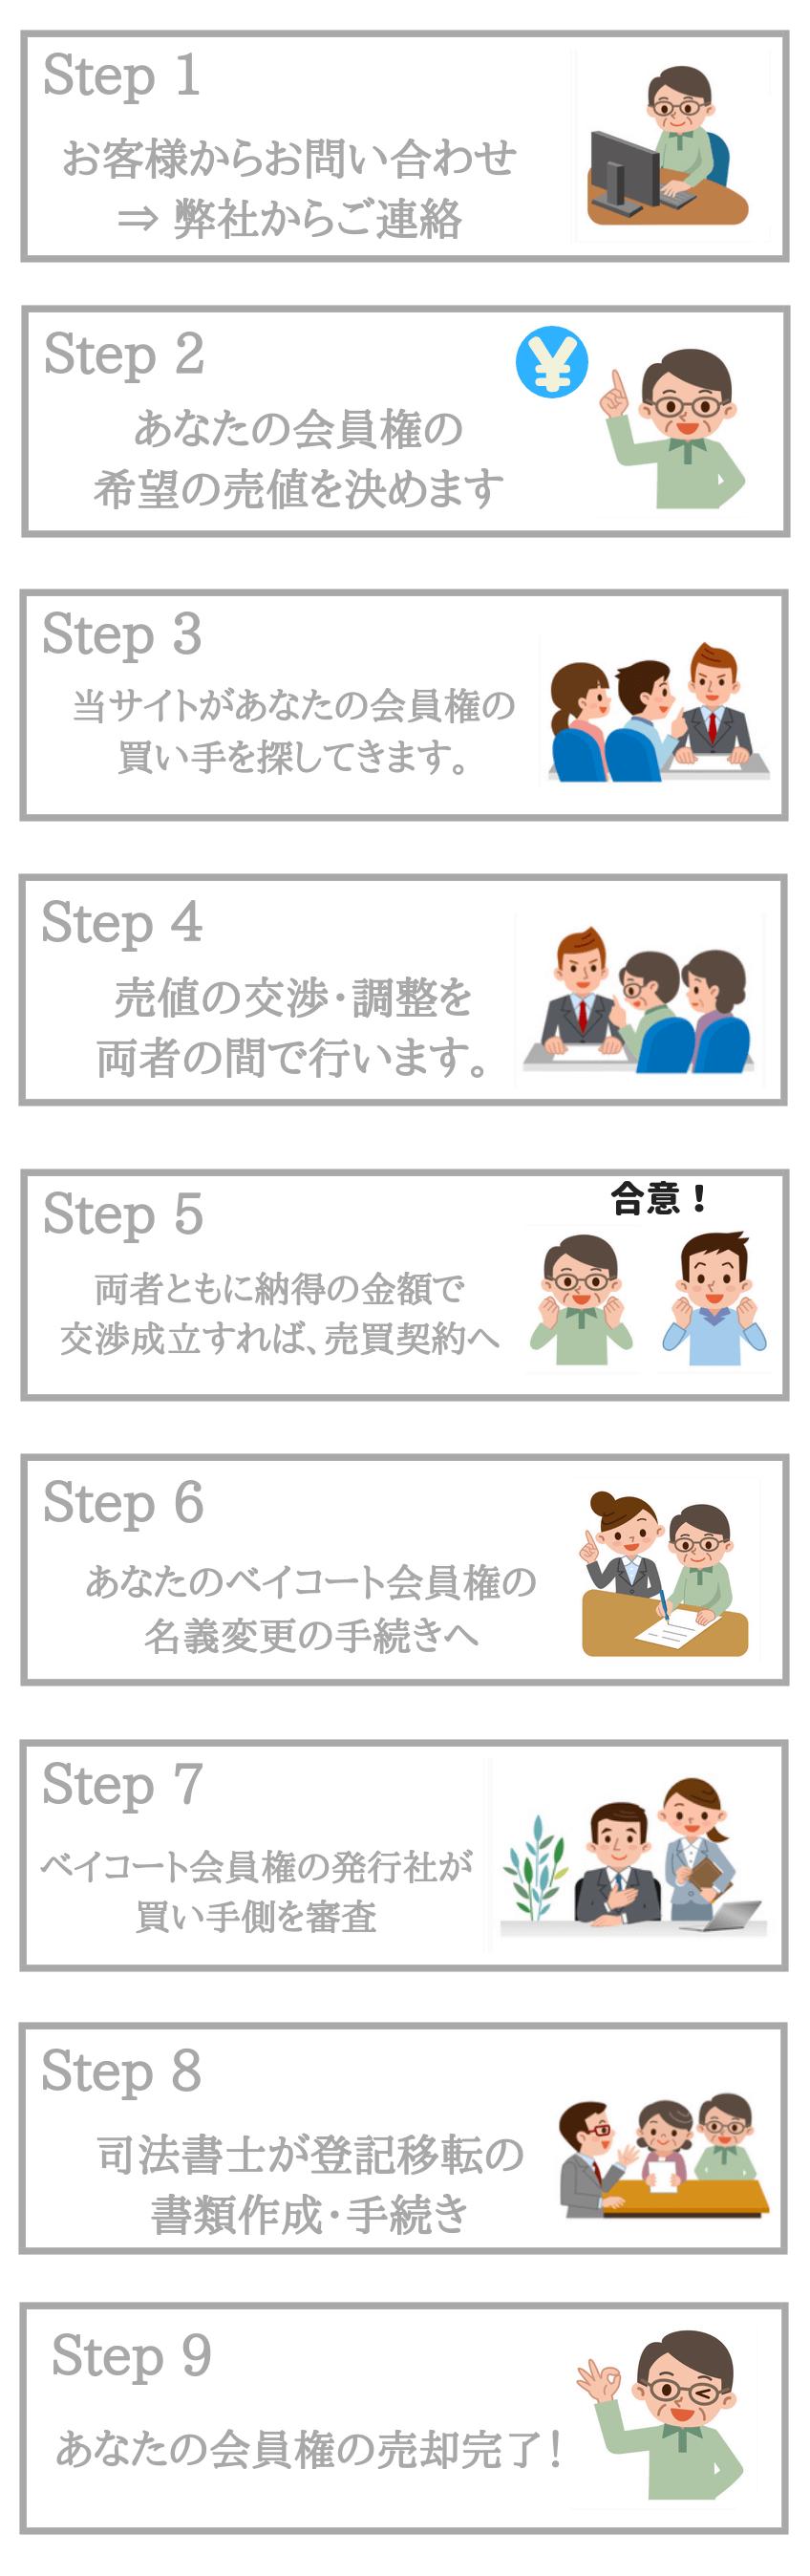 東京ベイコート倶楽部会員権売却の流れ